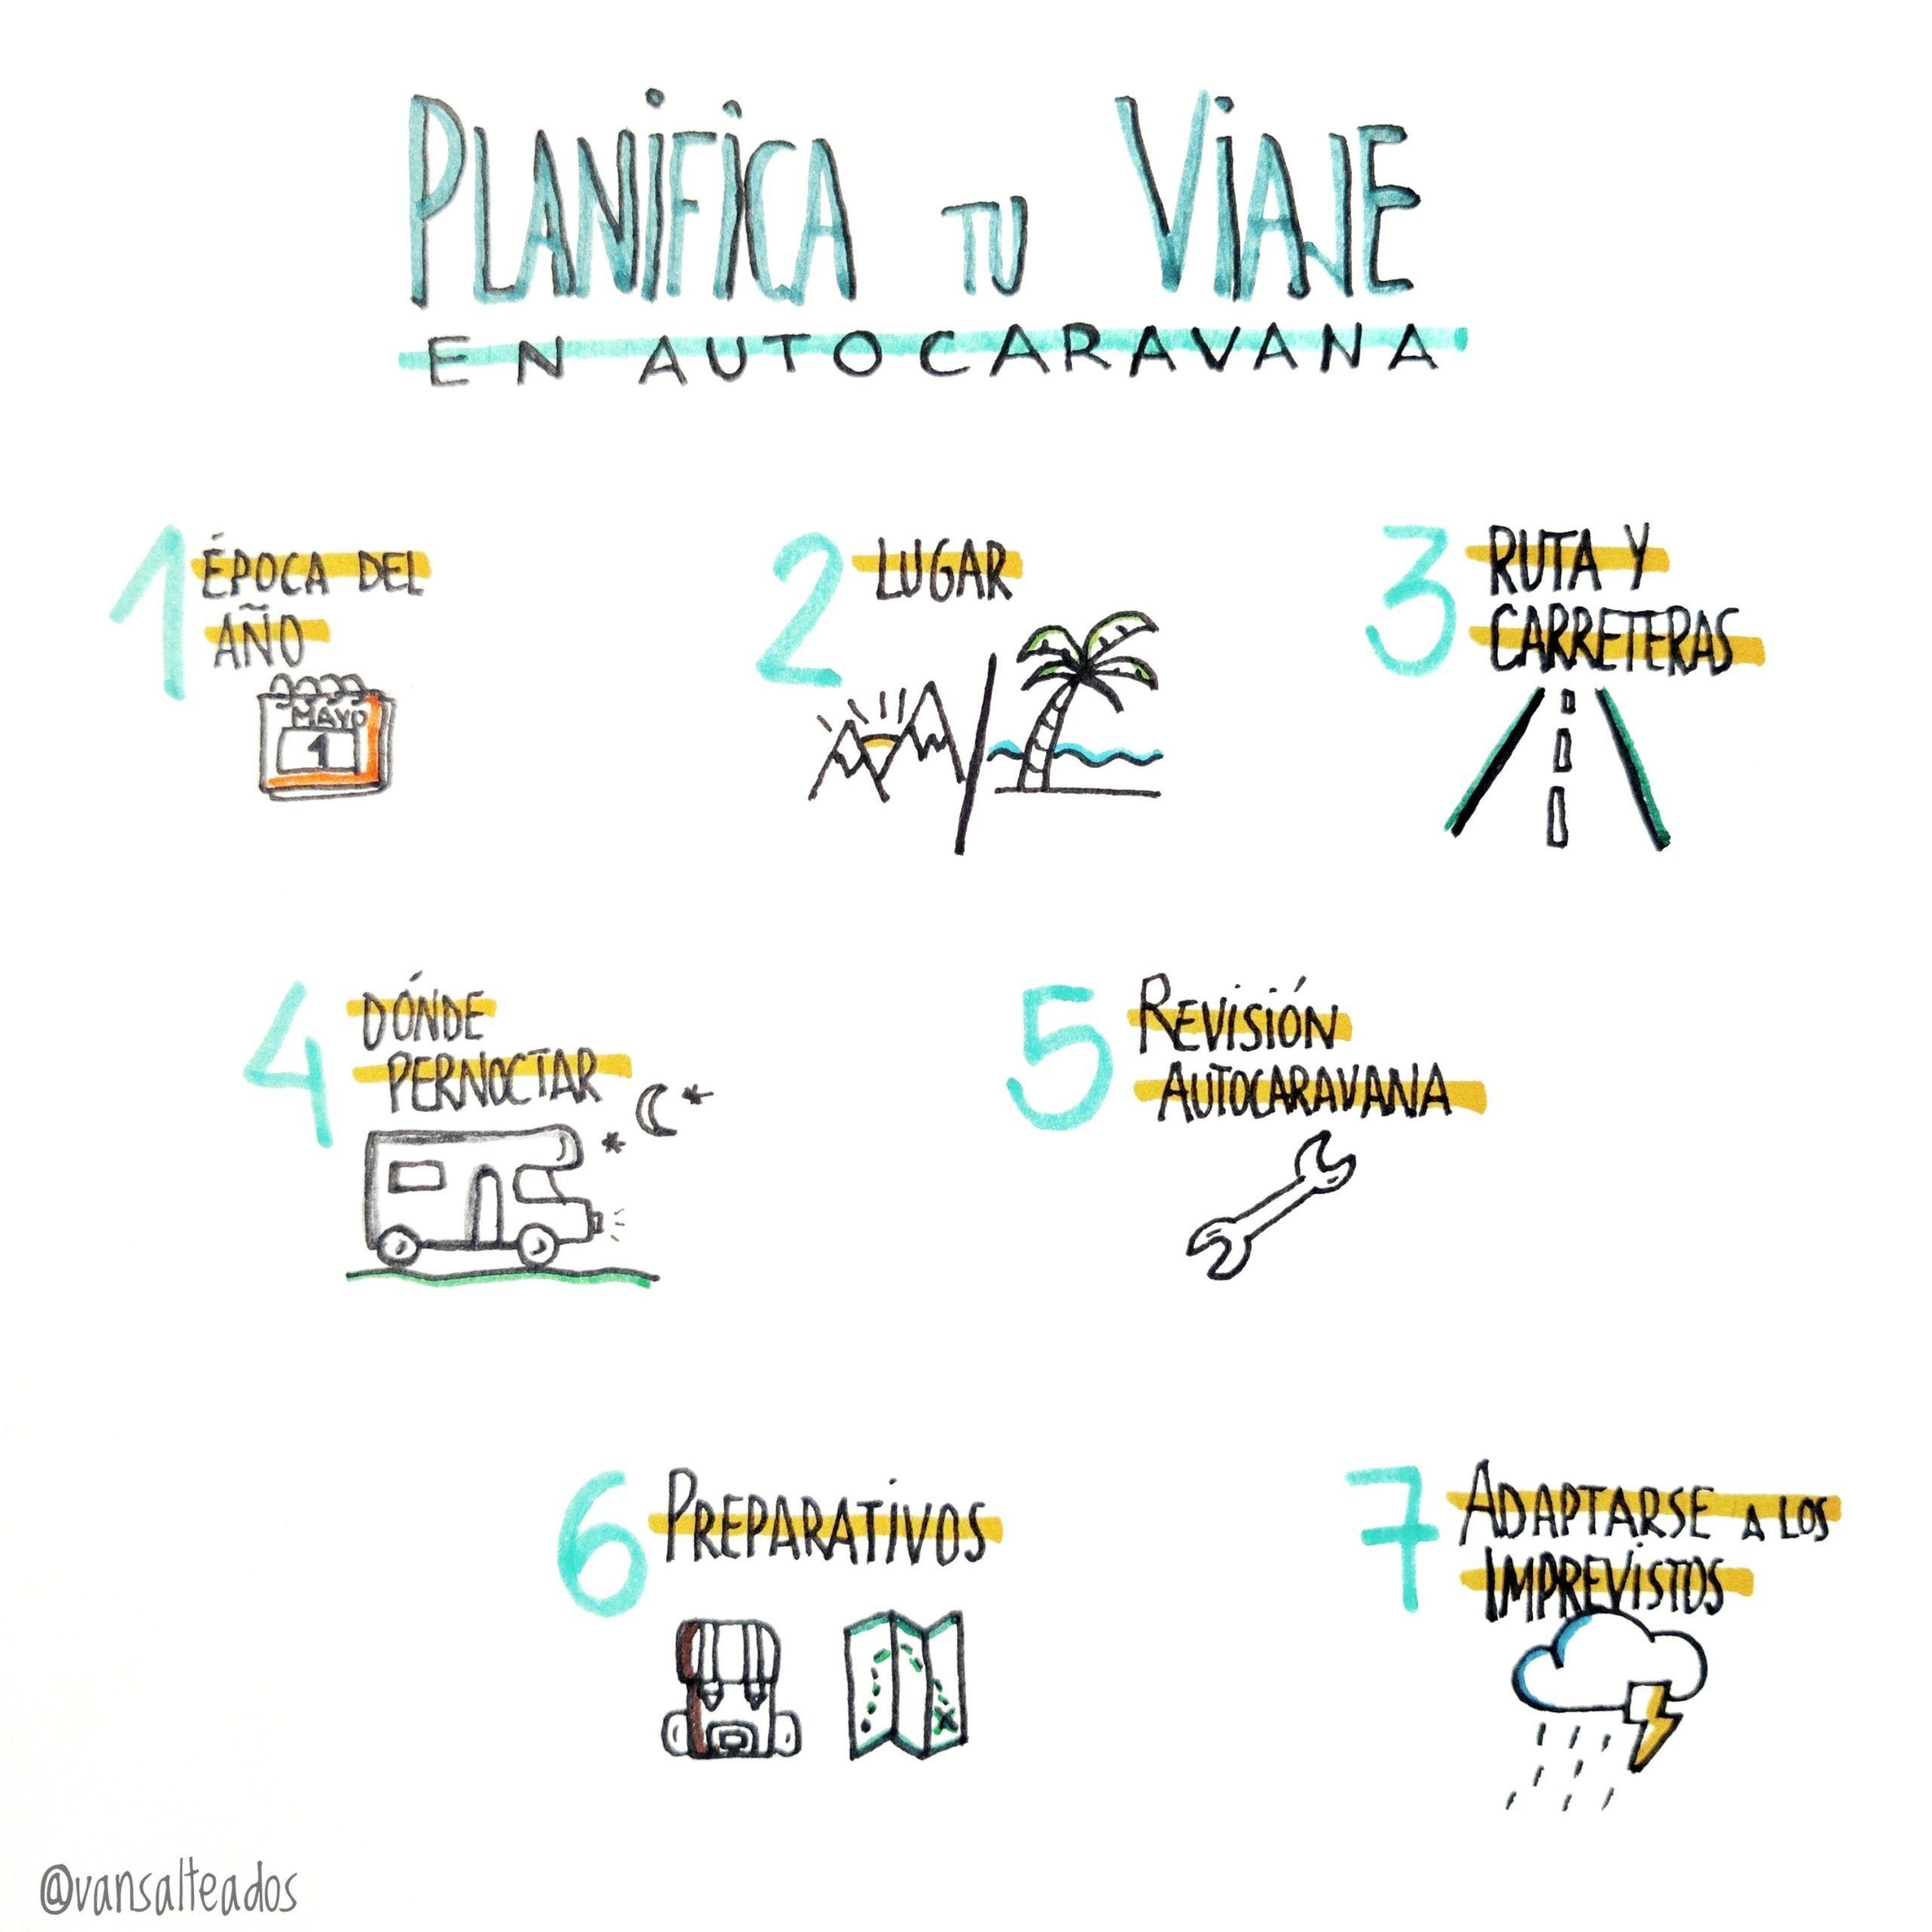 Infografía: planifica tu viaje en autocaravana